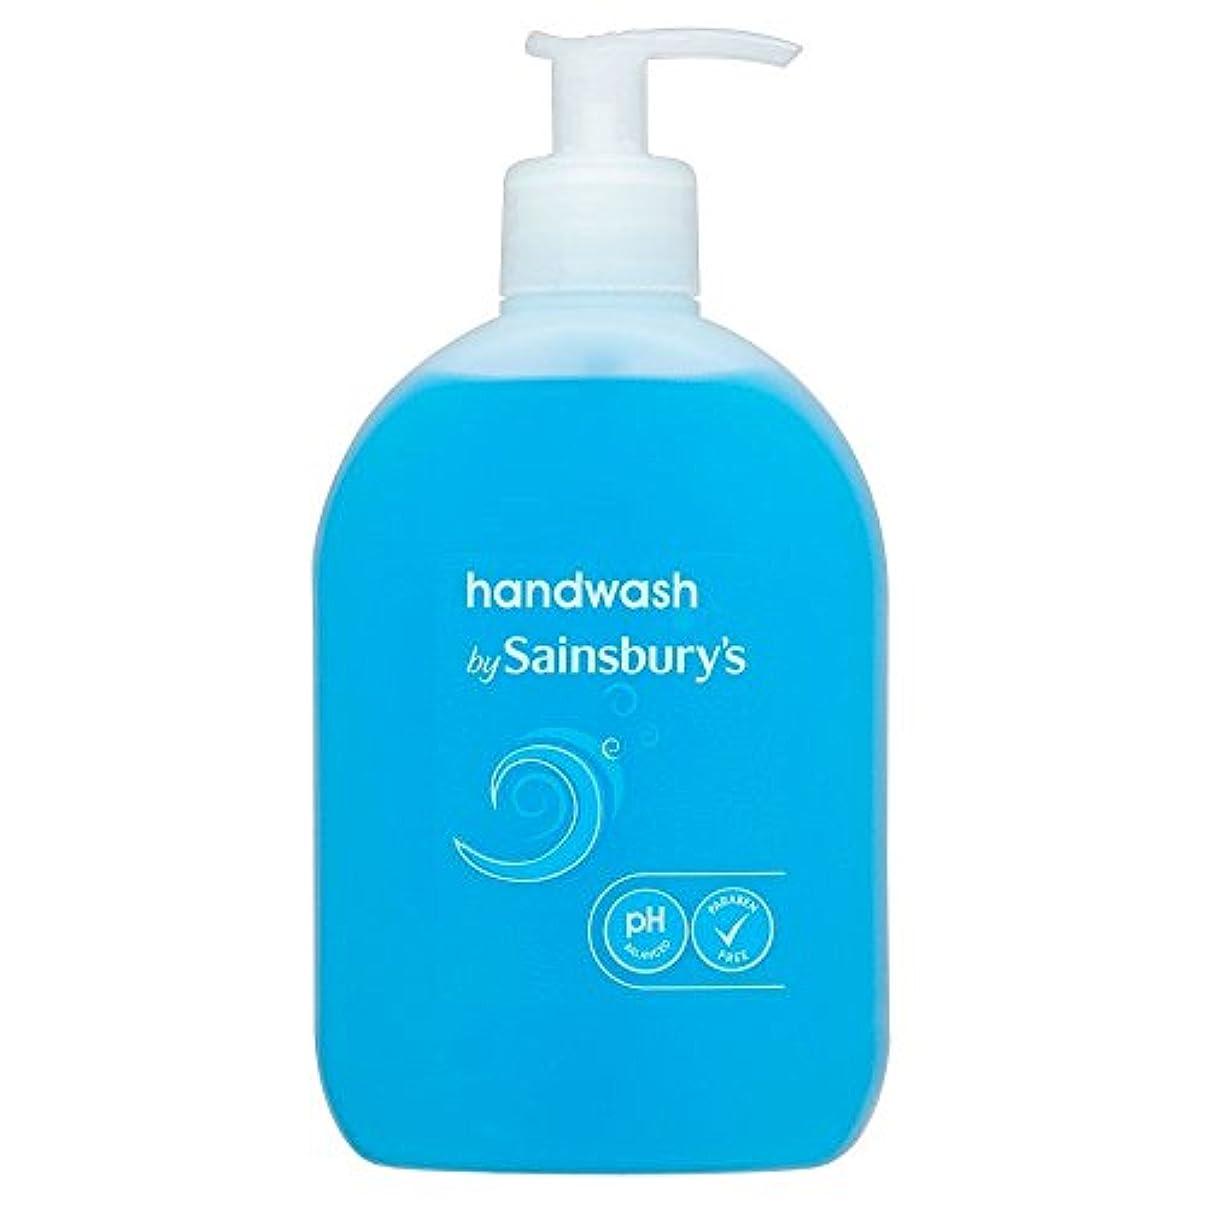 脅威シンプトン提供Sainsbury's Handwash, Blue 500ml (Pack of 2) - (Sainsbury's) 手洗い、青500ミリリットル (x2) [並行輸入品]